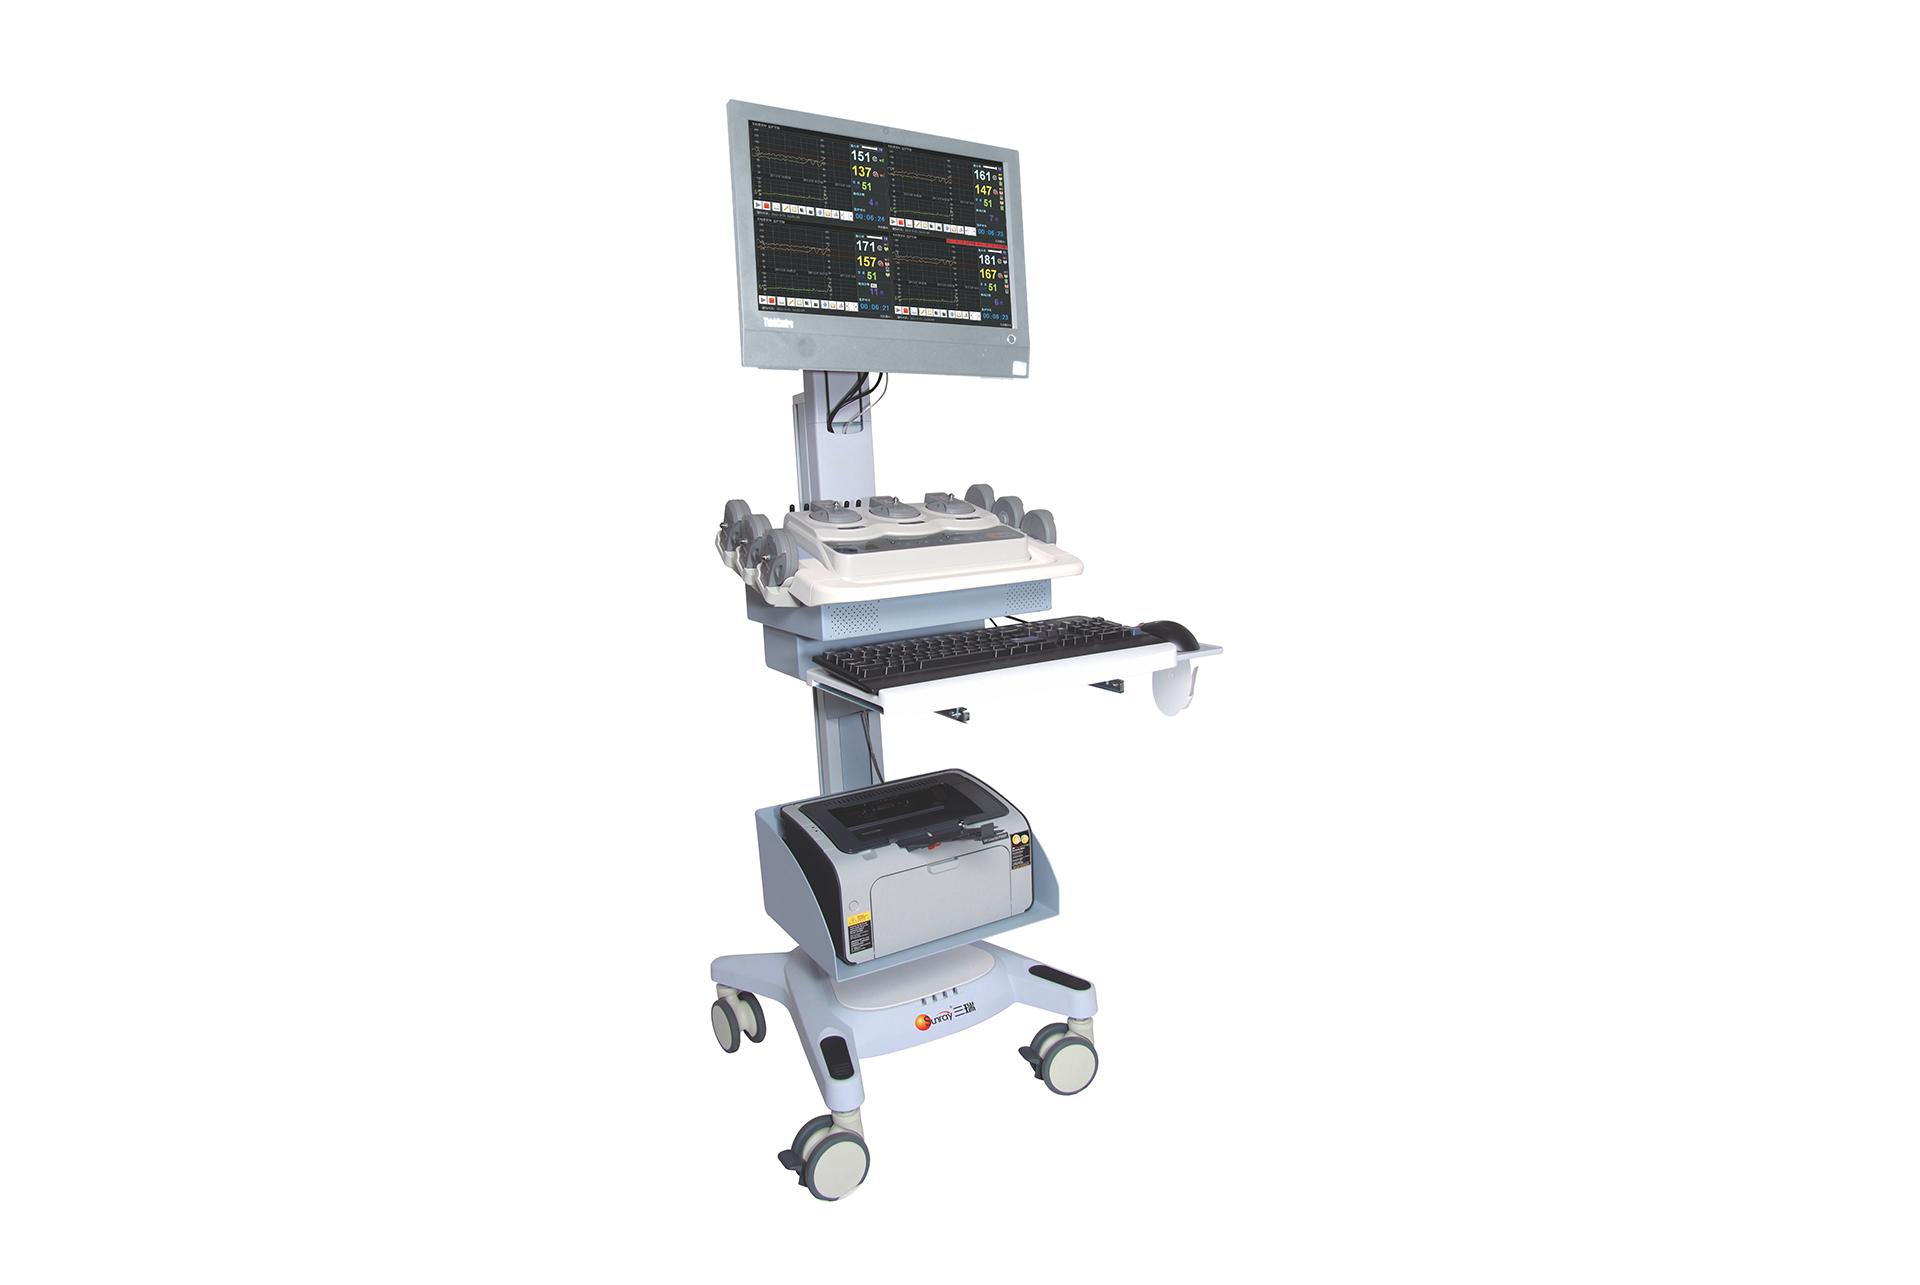 SRF618APro电脑胎儿监护仪